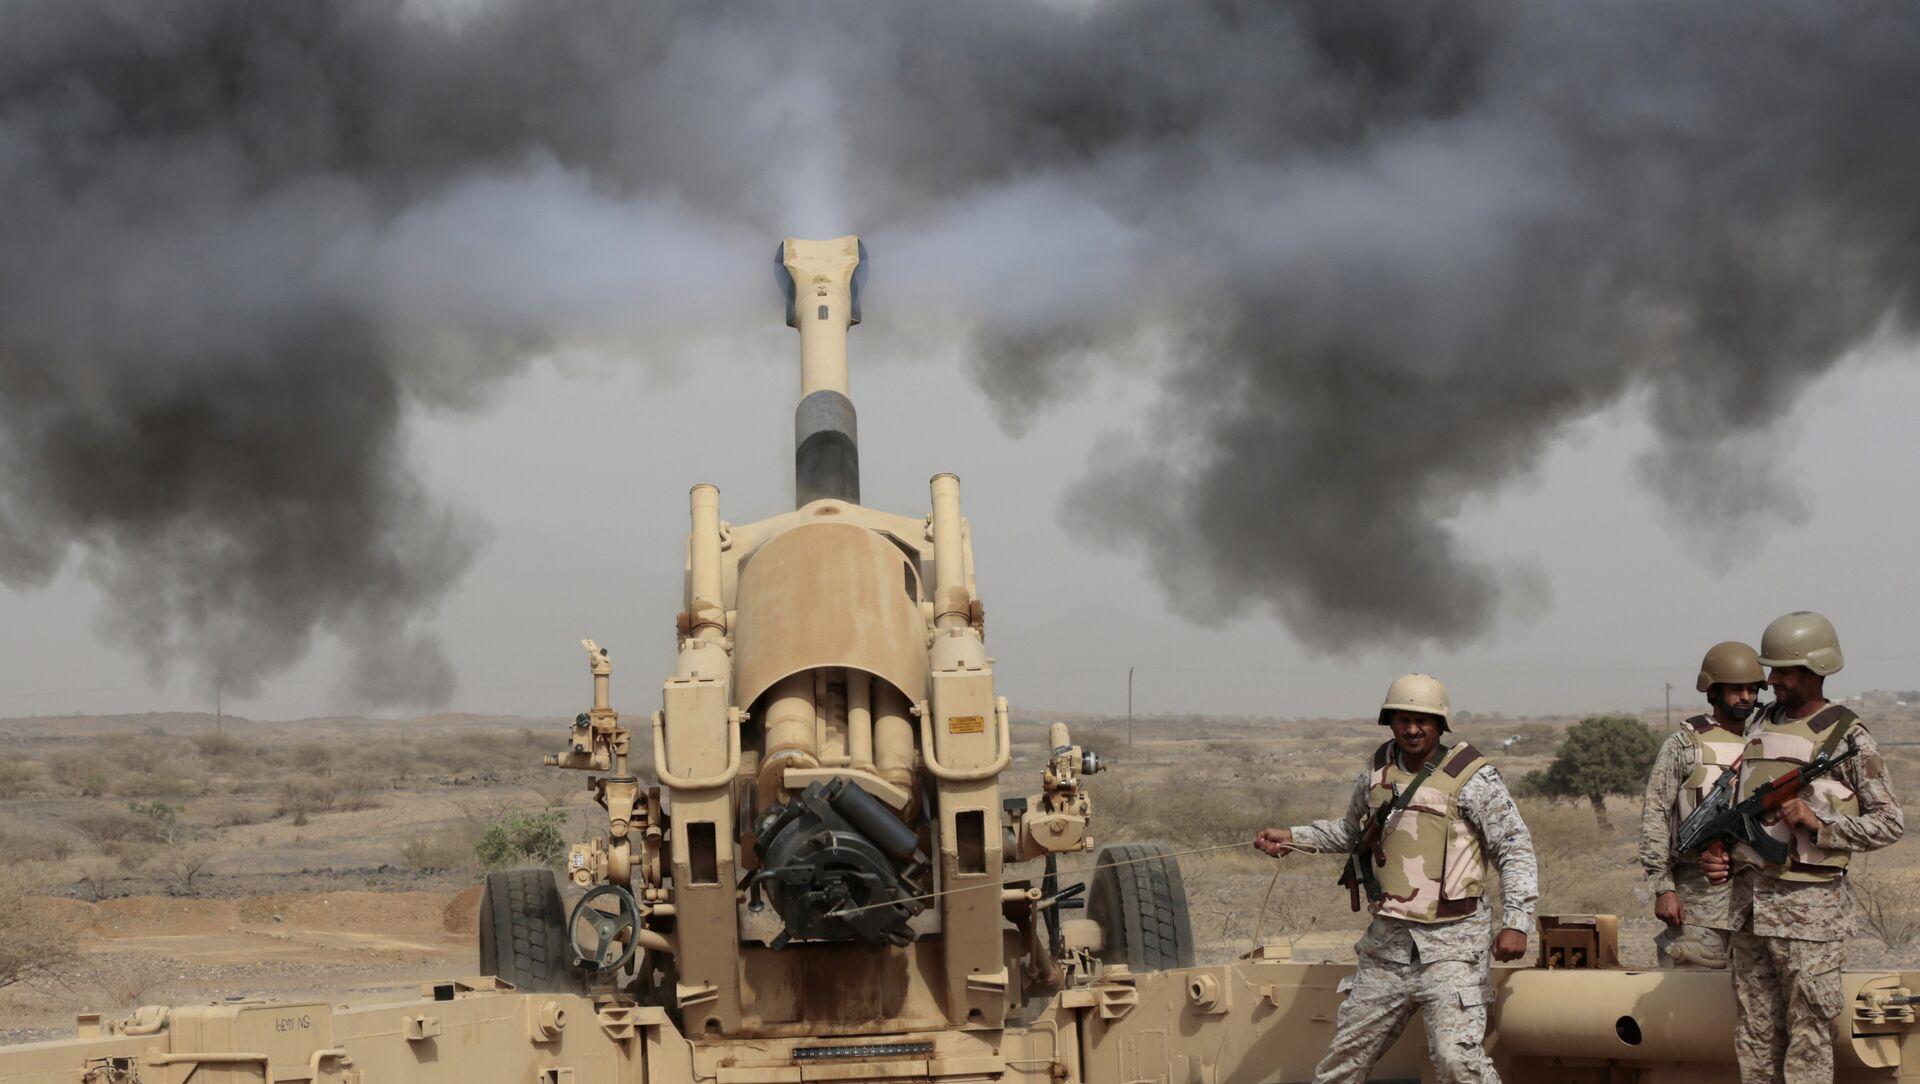 L'artillerie saoudienne participe à l'opération militaire au Yémen - Sputnik France, 1920, 19.03.2021